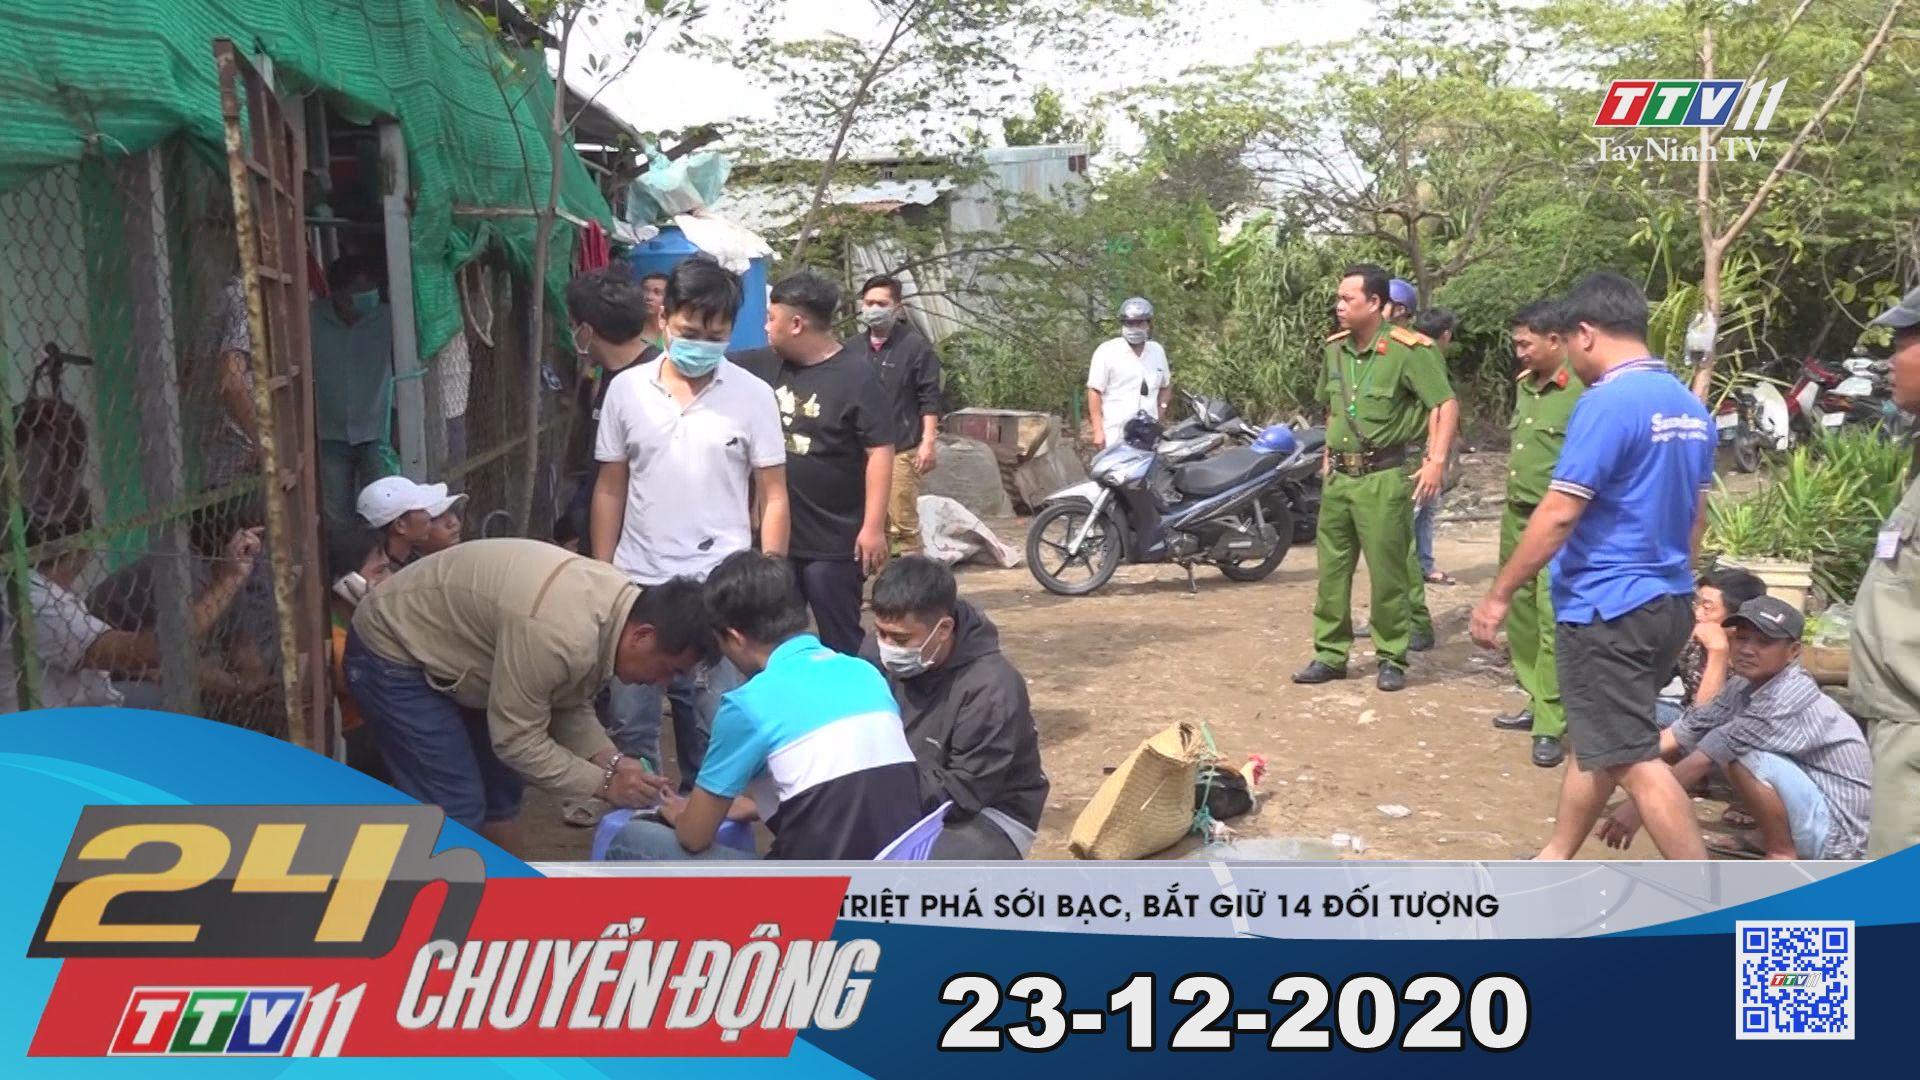 24h Chuyển động 23-12-2020 | Tin tức hôm nay | TayNinhTV